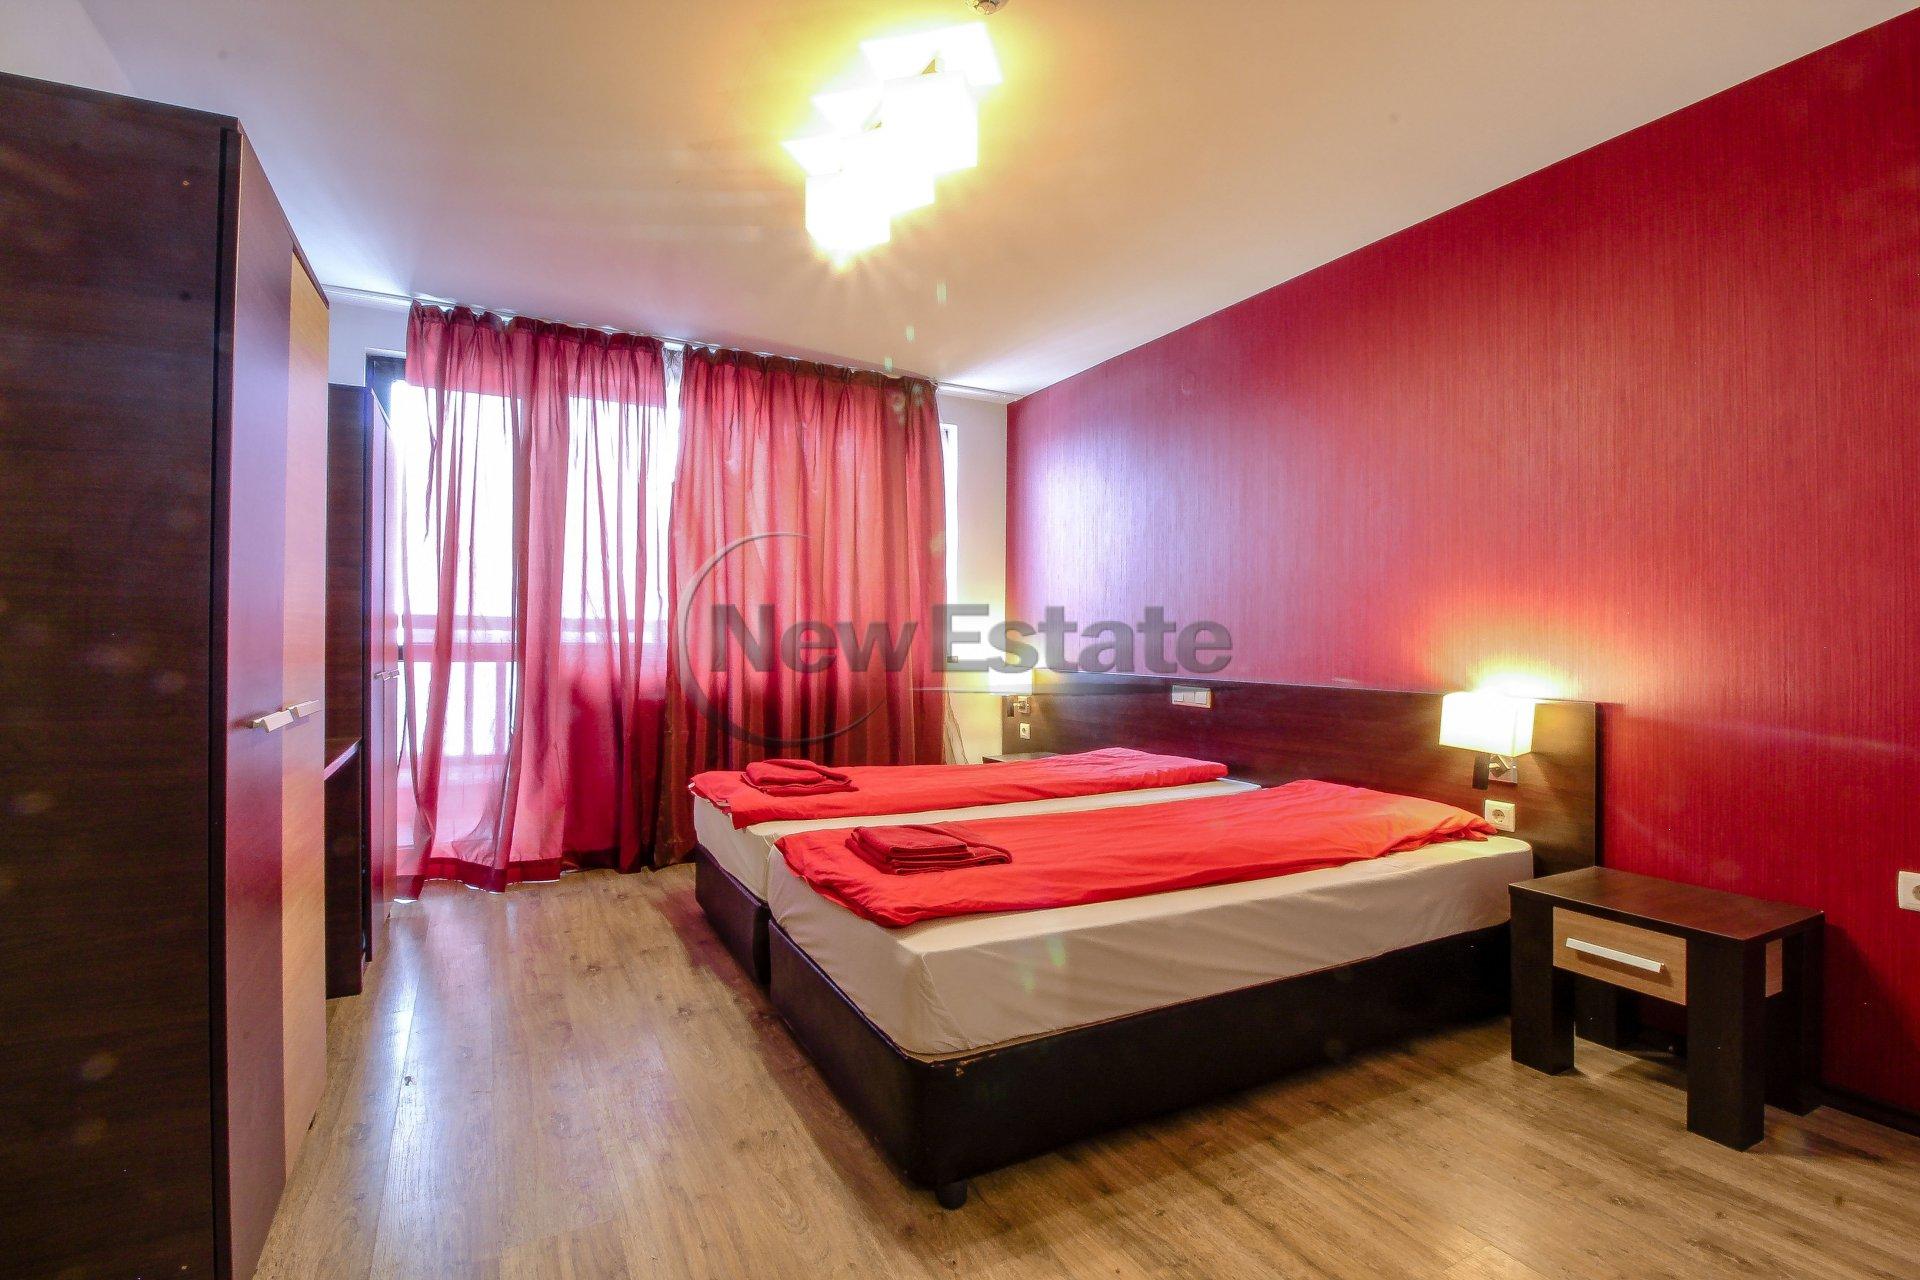 Apartament mobilat 2 camere în Bansko